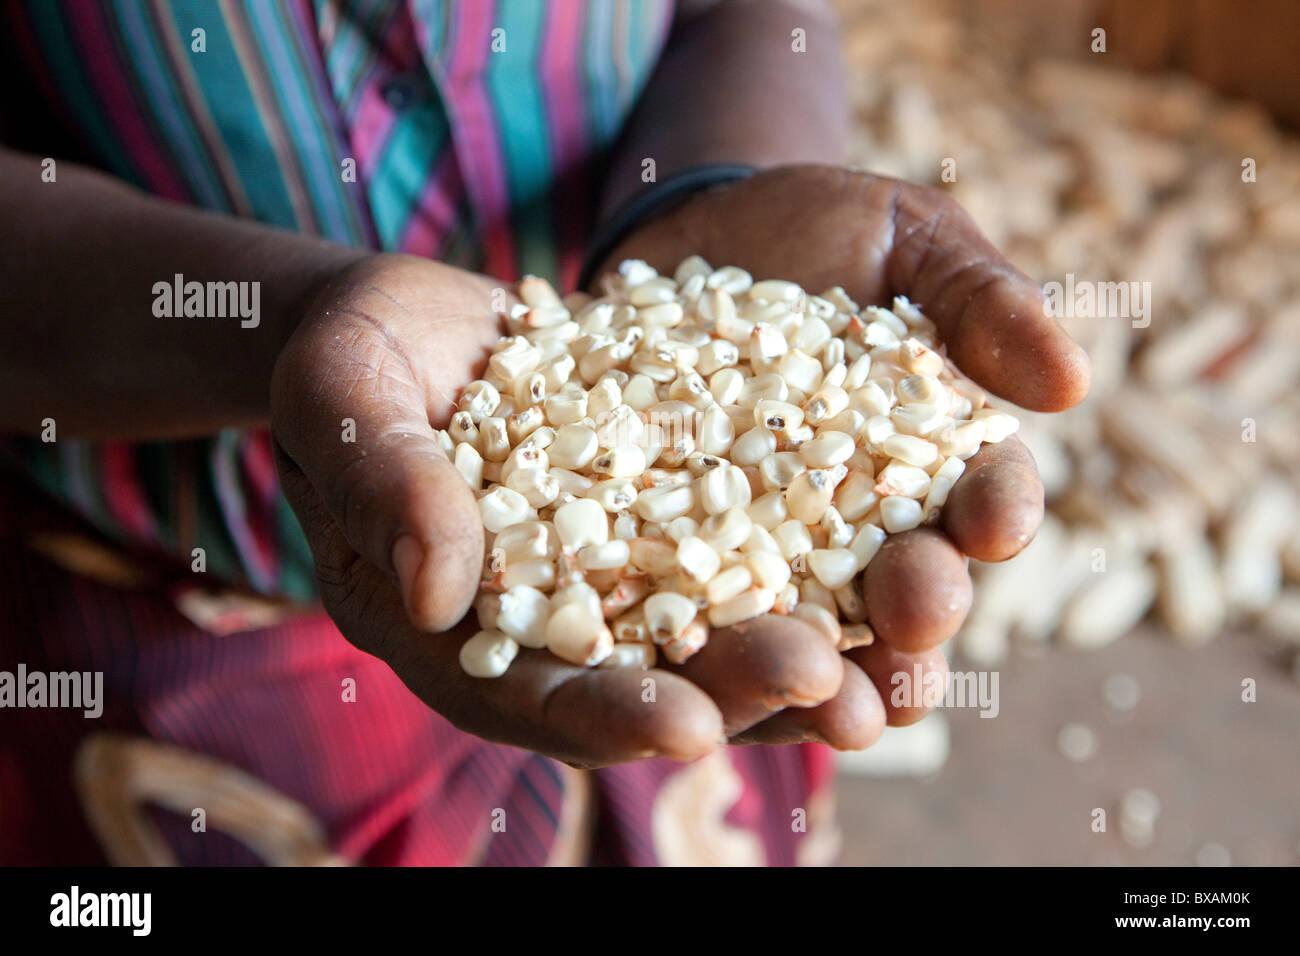 Una mujer sostiene un puñado de granos de maíz en Iganga, Uganda, África Oriental Imagen De Stock